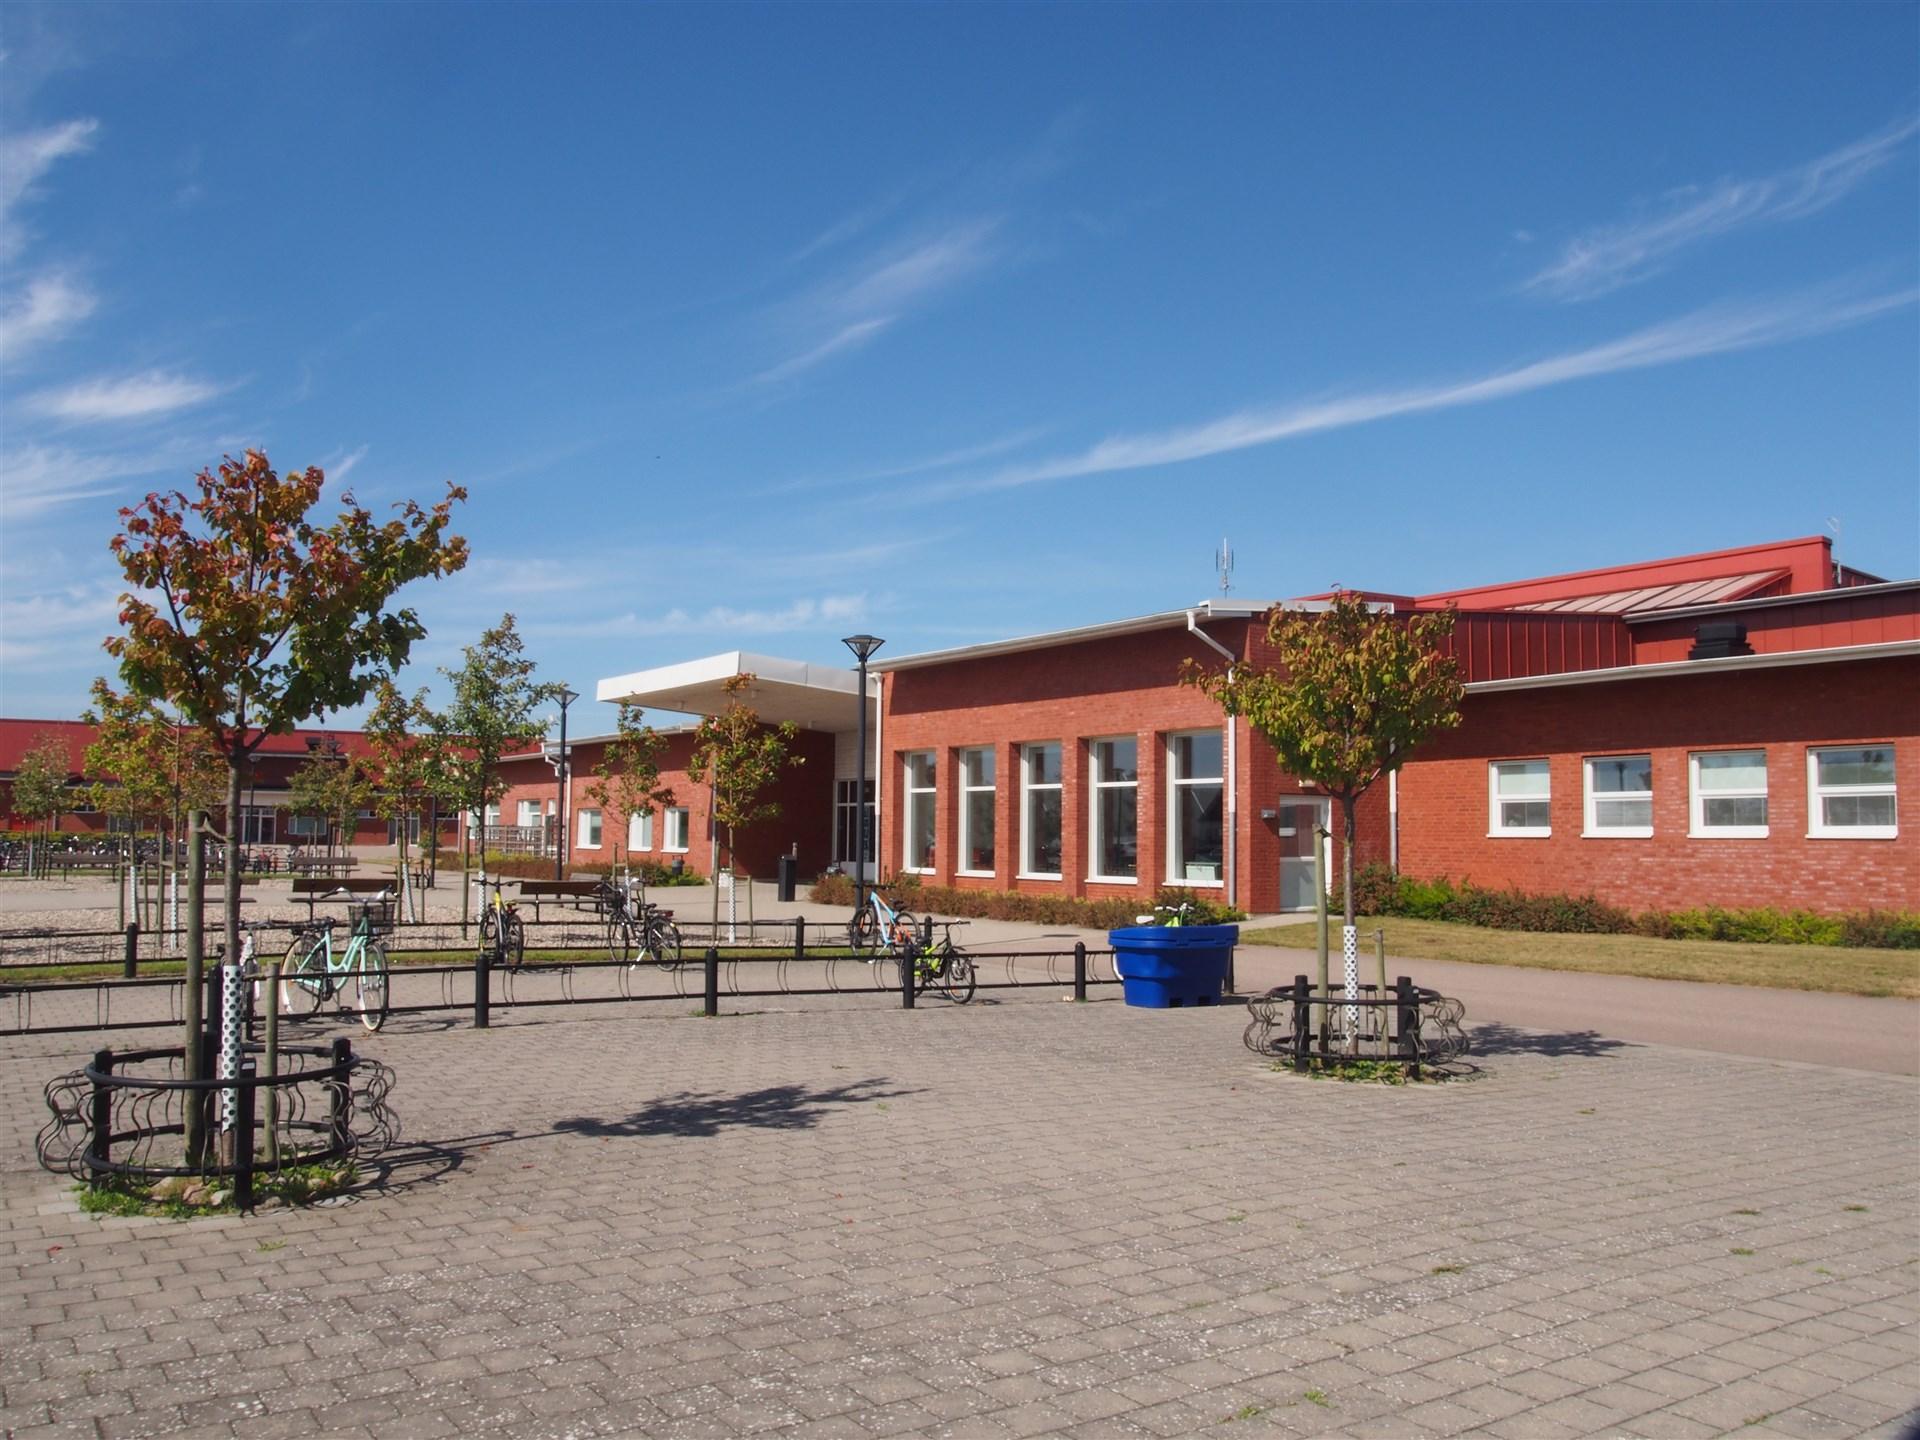 Serresjöskolan som ligger i närheten med klasser från F till 6.